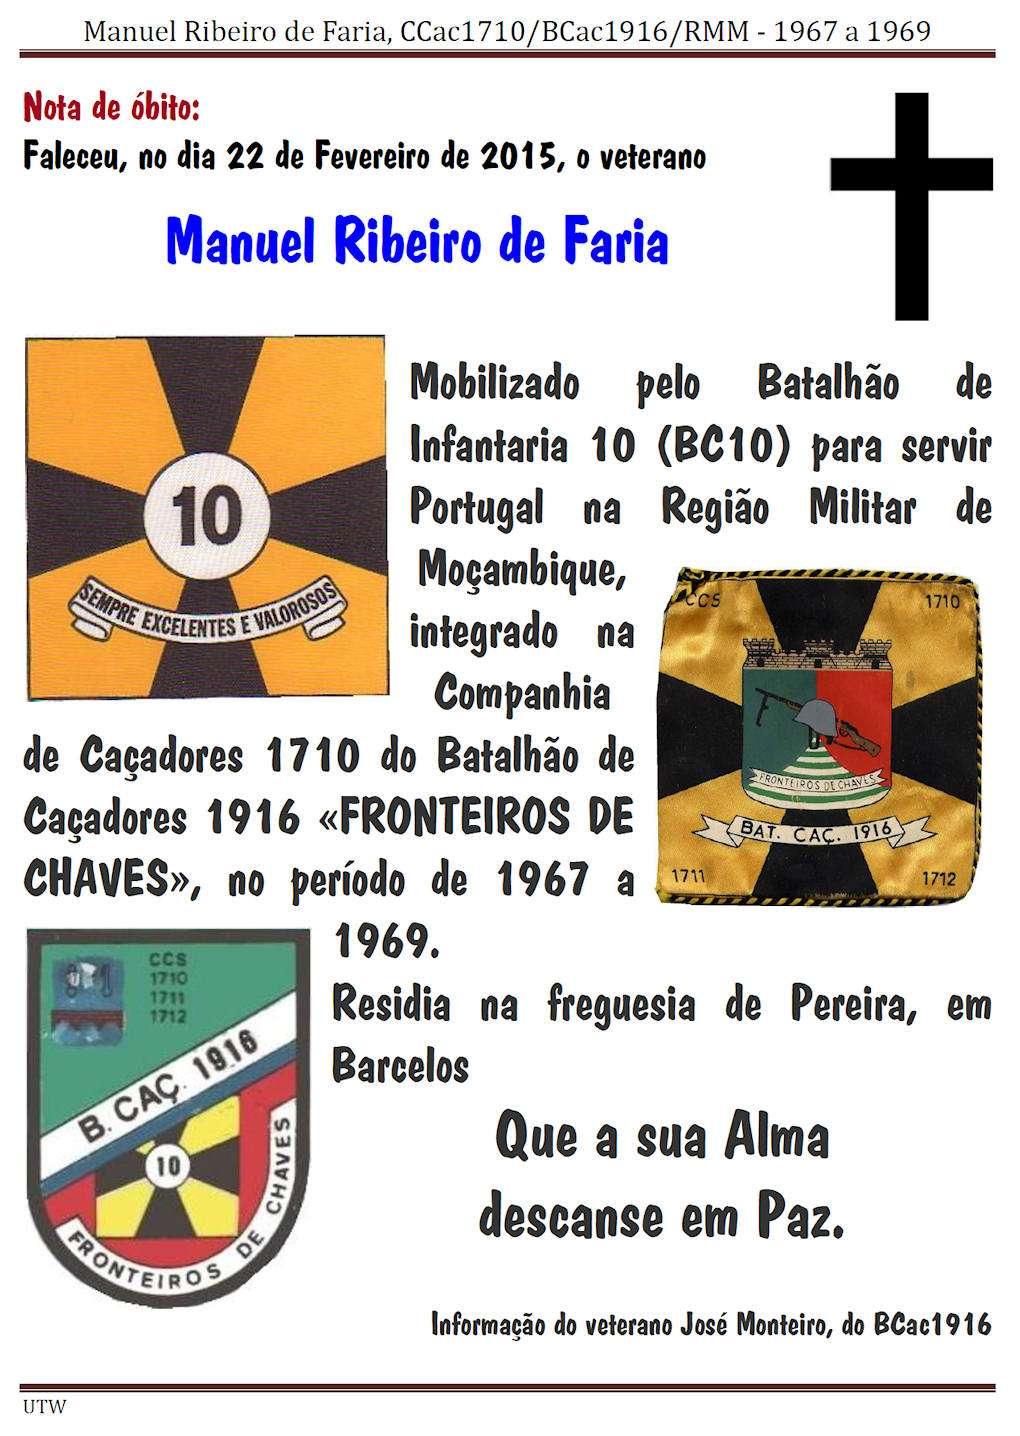 Faleceu o veterano Manuel Ribeiro de Faria da CCac1710/BCac1916 - 22Fev2015 Manuel11